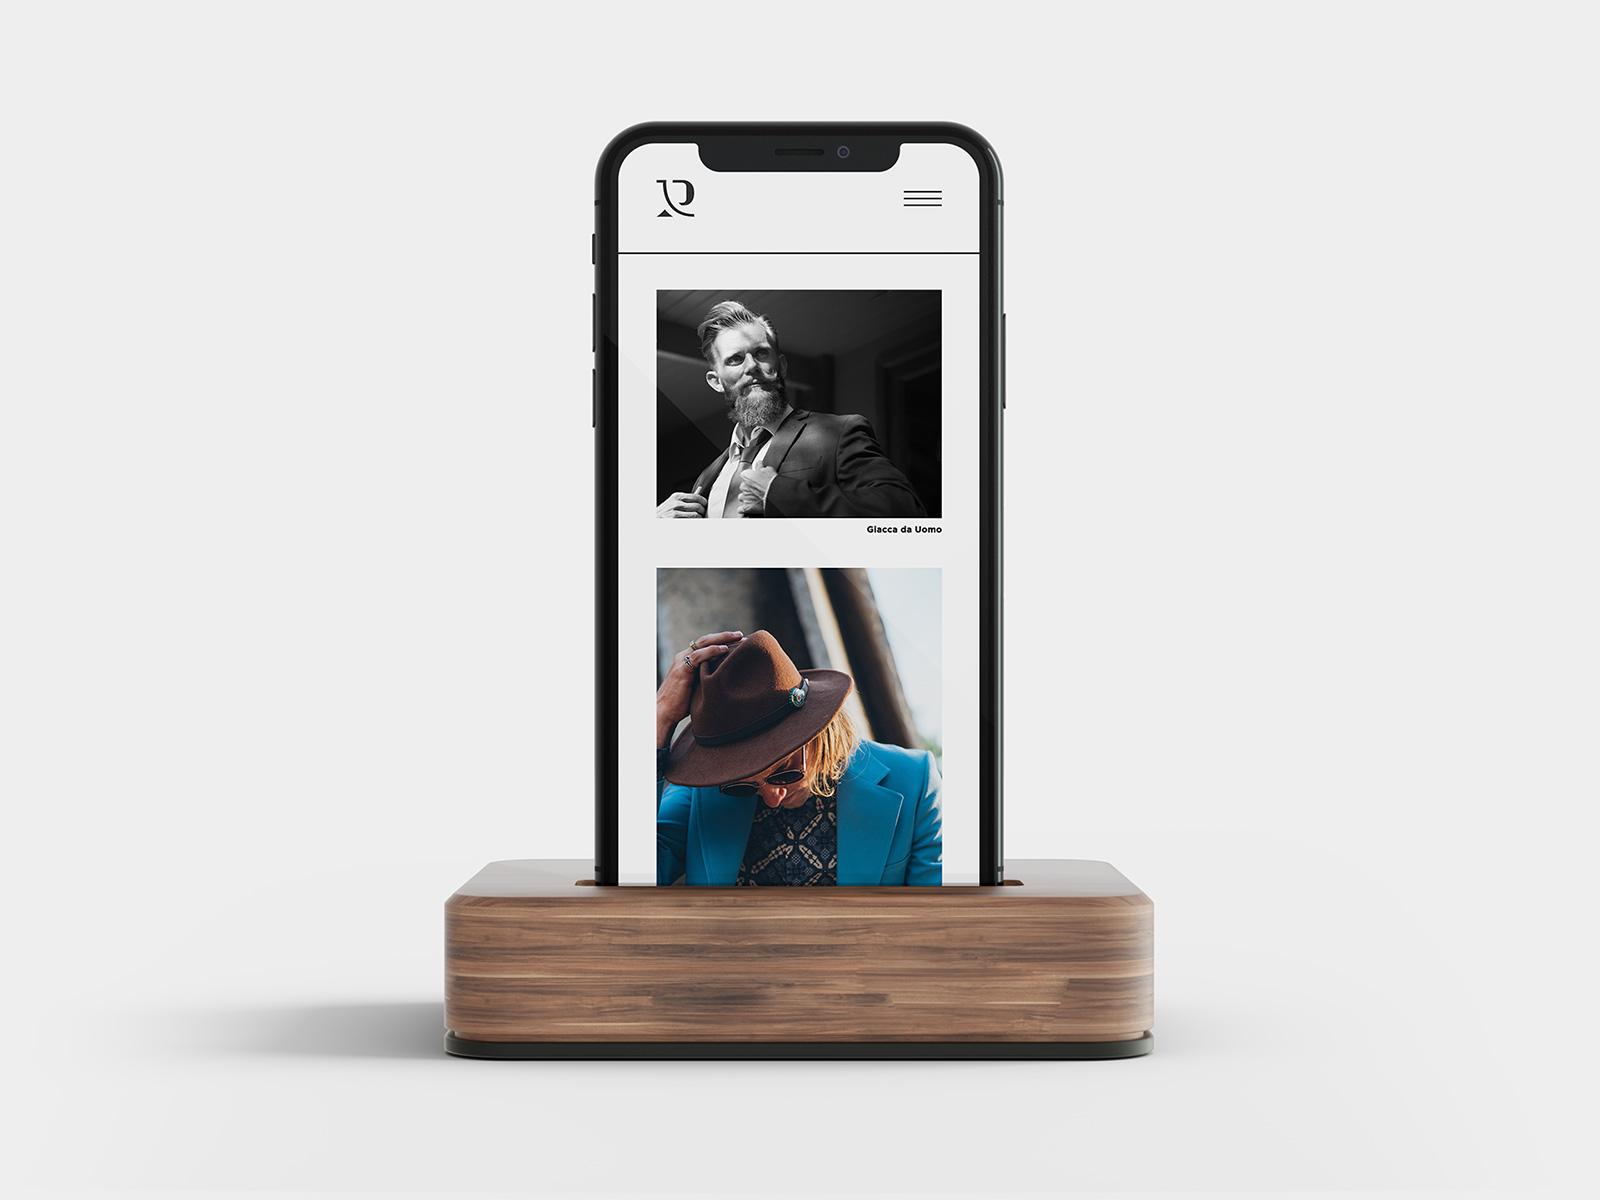 iPhone X che mostra il sito web di Raffaele Romani. Lo smartphone è su un supporto di legno e su sfondo bianco